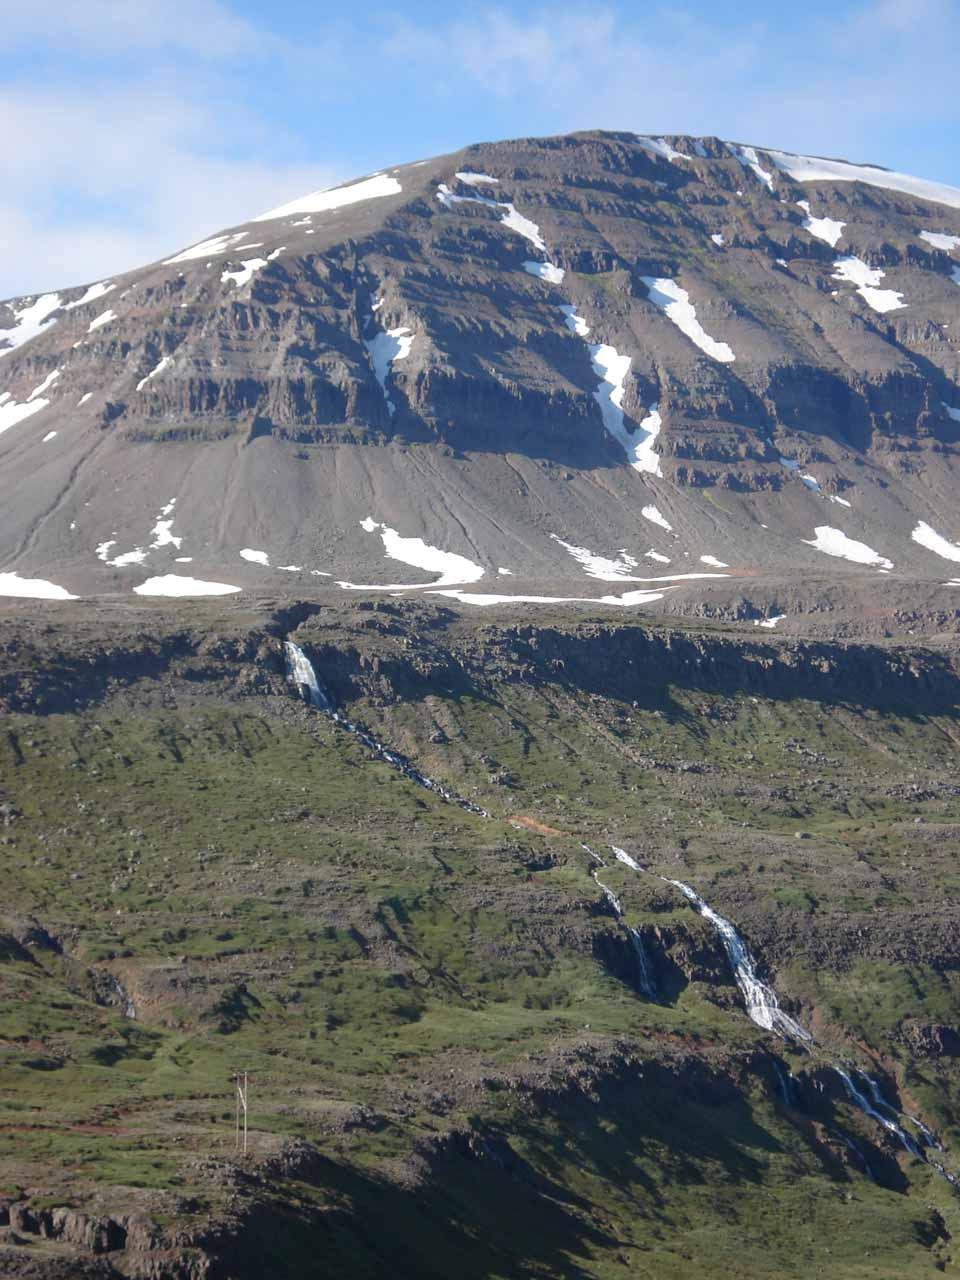 Julie took her own photo of that large cascade seen from the mountain pass above Seyðisfjörður